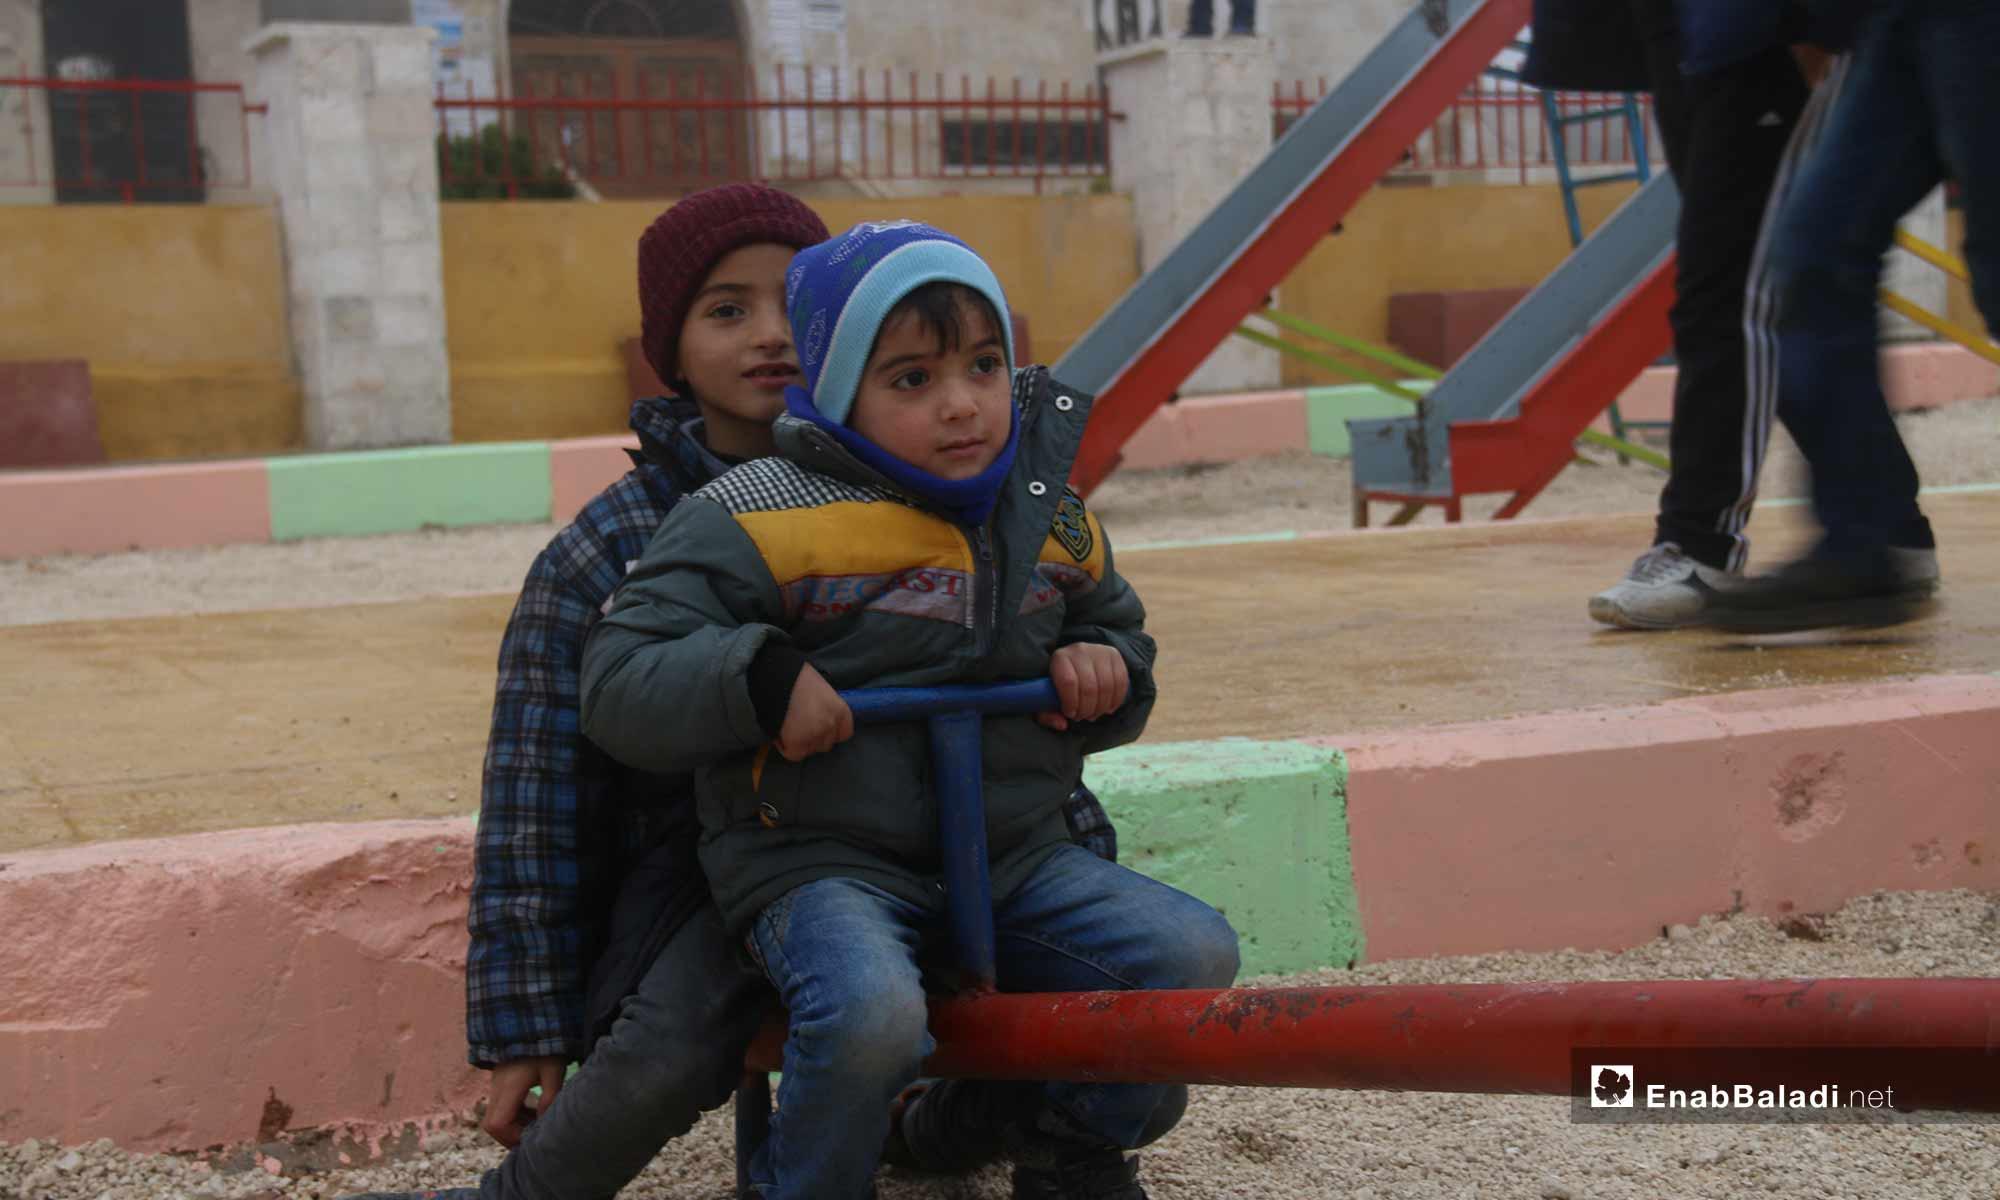 أطفال يلعبون في حديقة الدلة في مدينة معرة النعمان بريف إدلب - 18 من كانون الأول 2018 (عنب بلدي)